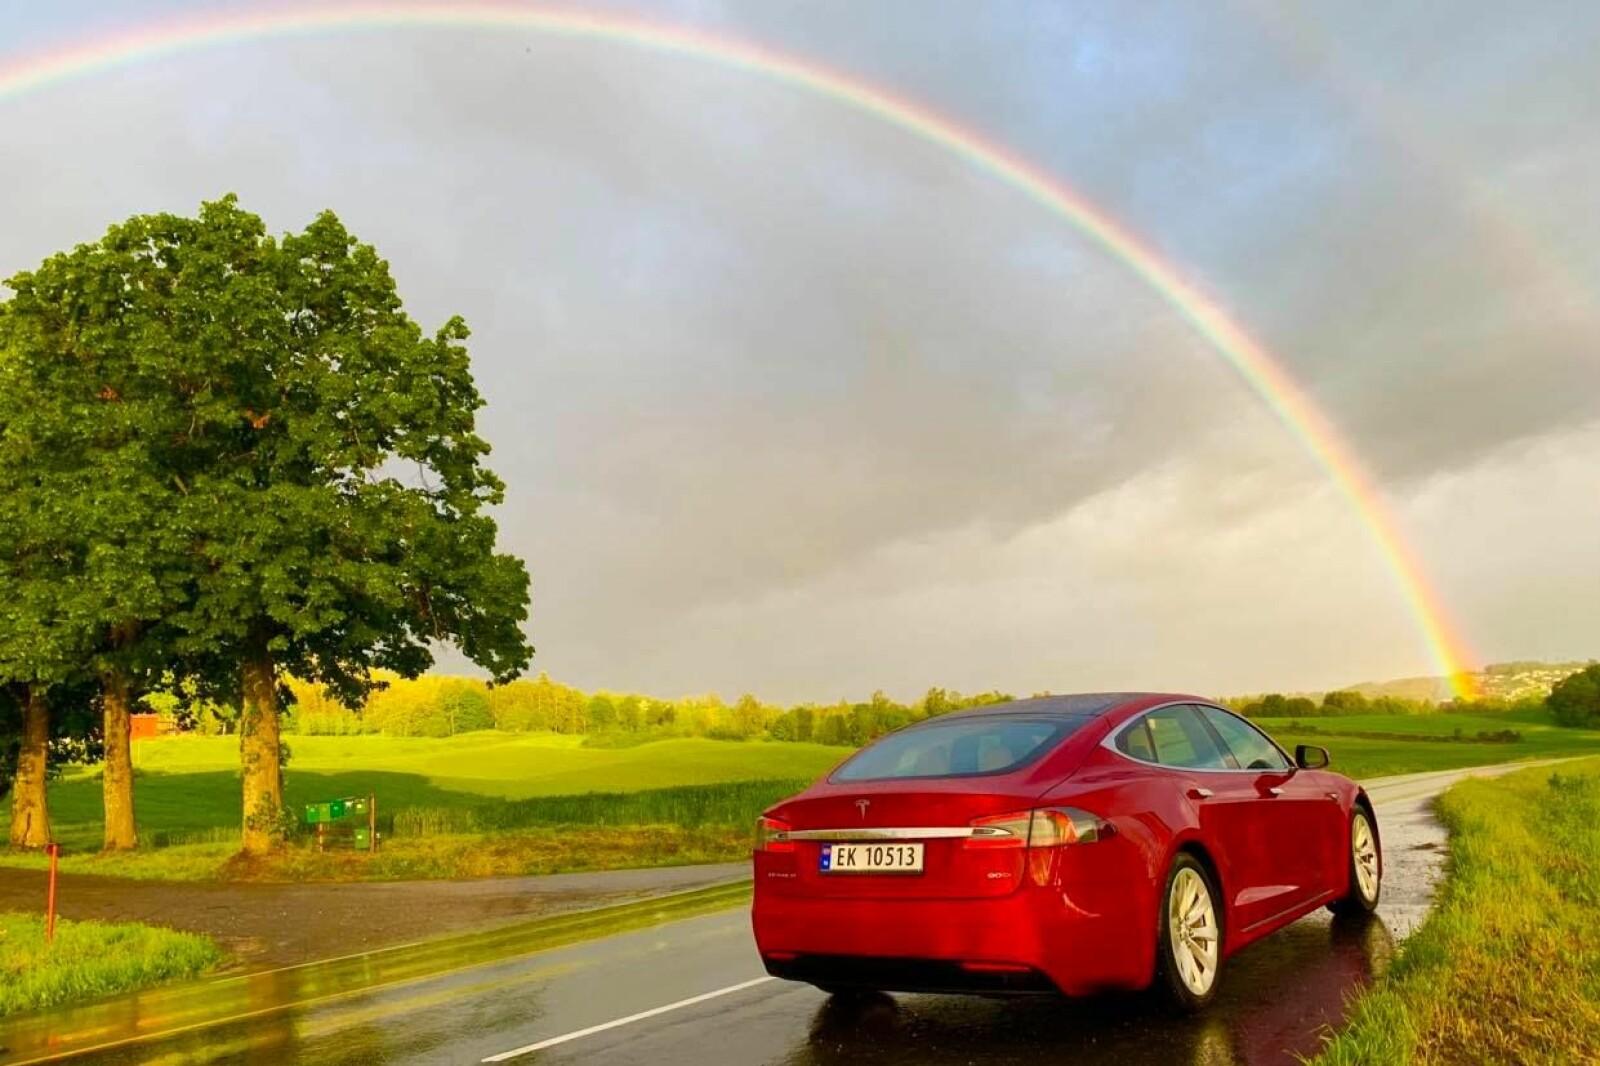 <b>BLINKSKUDD:</b> Noen øyeblikk bare MÅ foreviges, konstaterer Tesla-eier Vigdis Margrethe Løver. Og hvem kan være uenig i det?